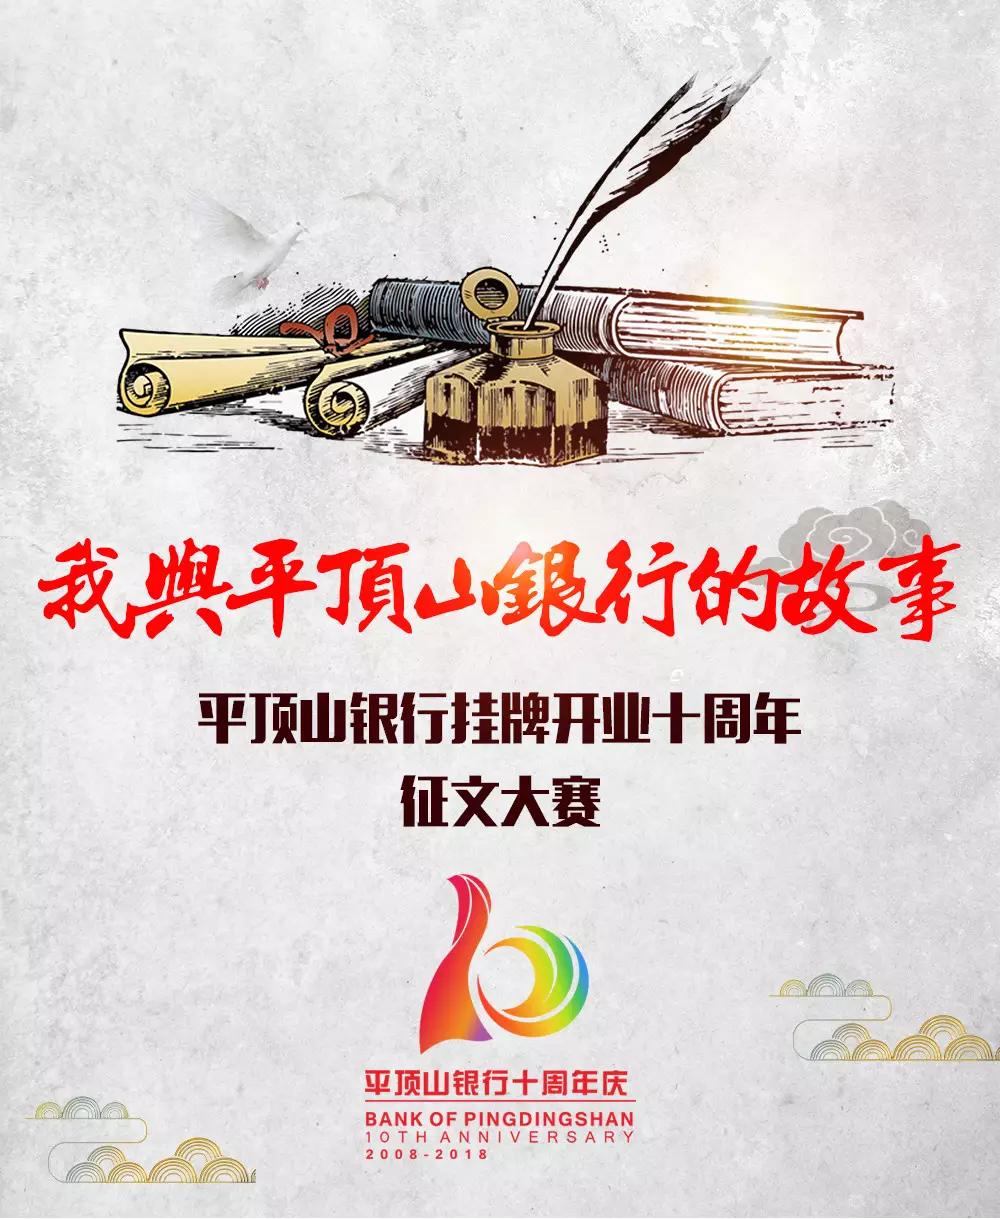 北京快乐8在哪可以买:【我与平顶山银行的故事】平顶山银行带来的好姻缘